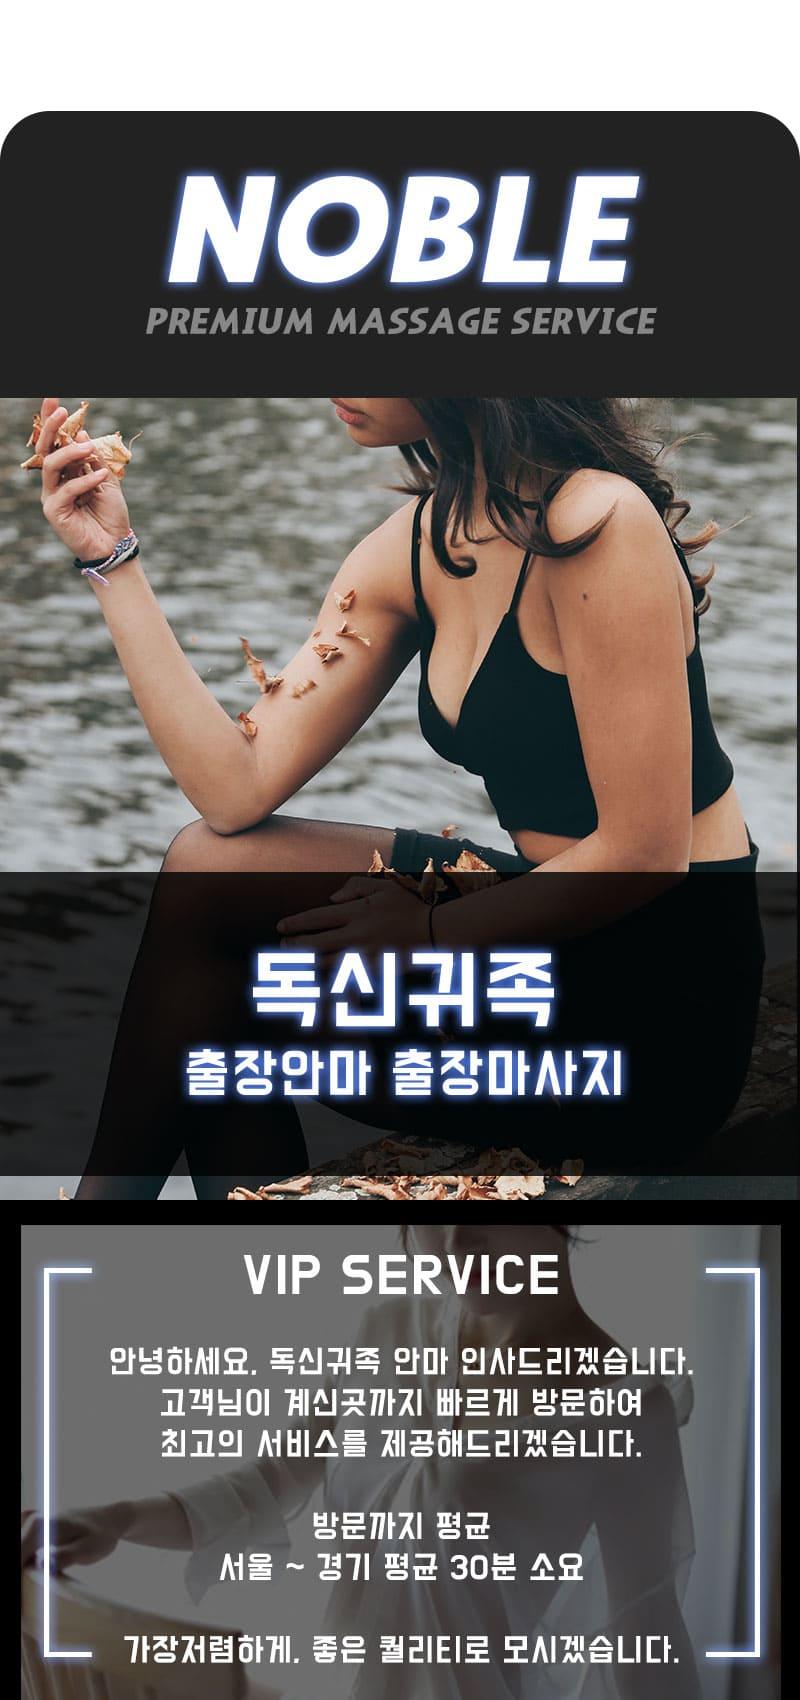 중화동출장안마 소개